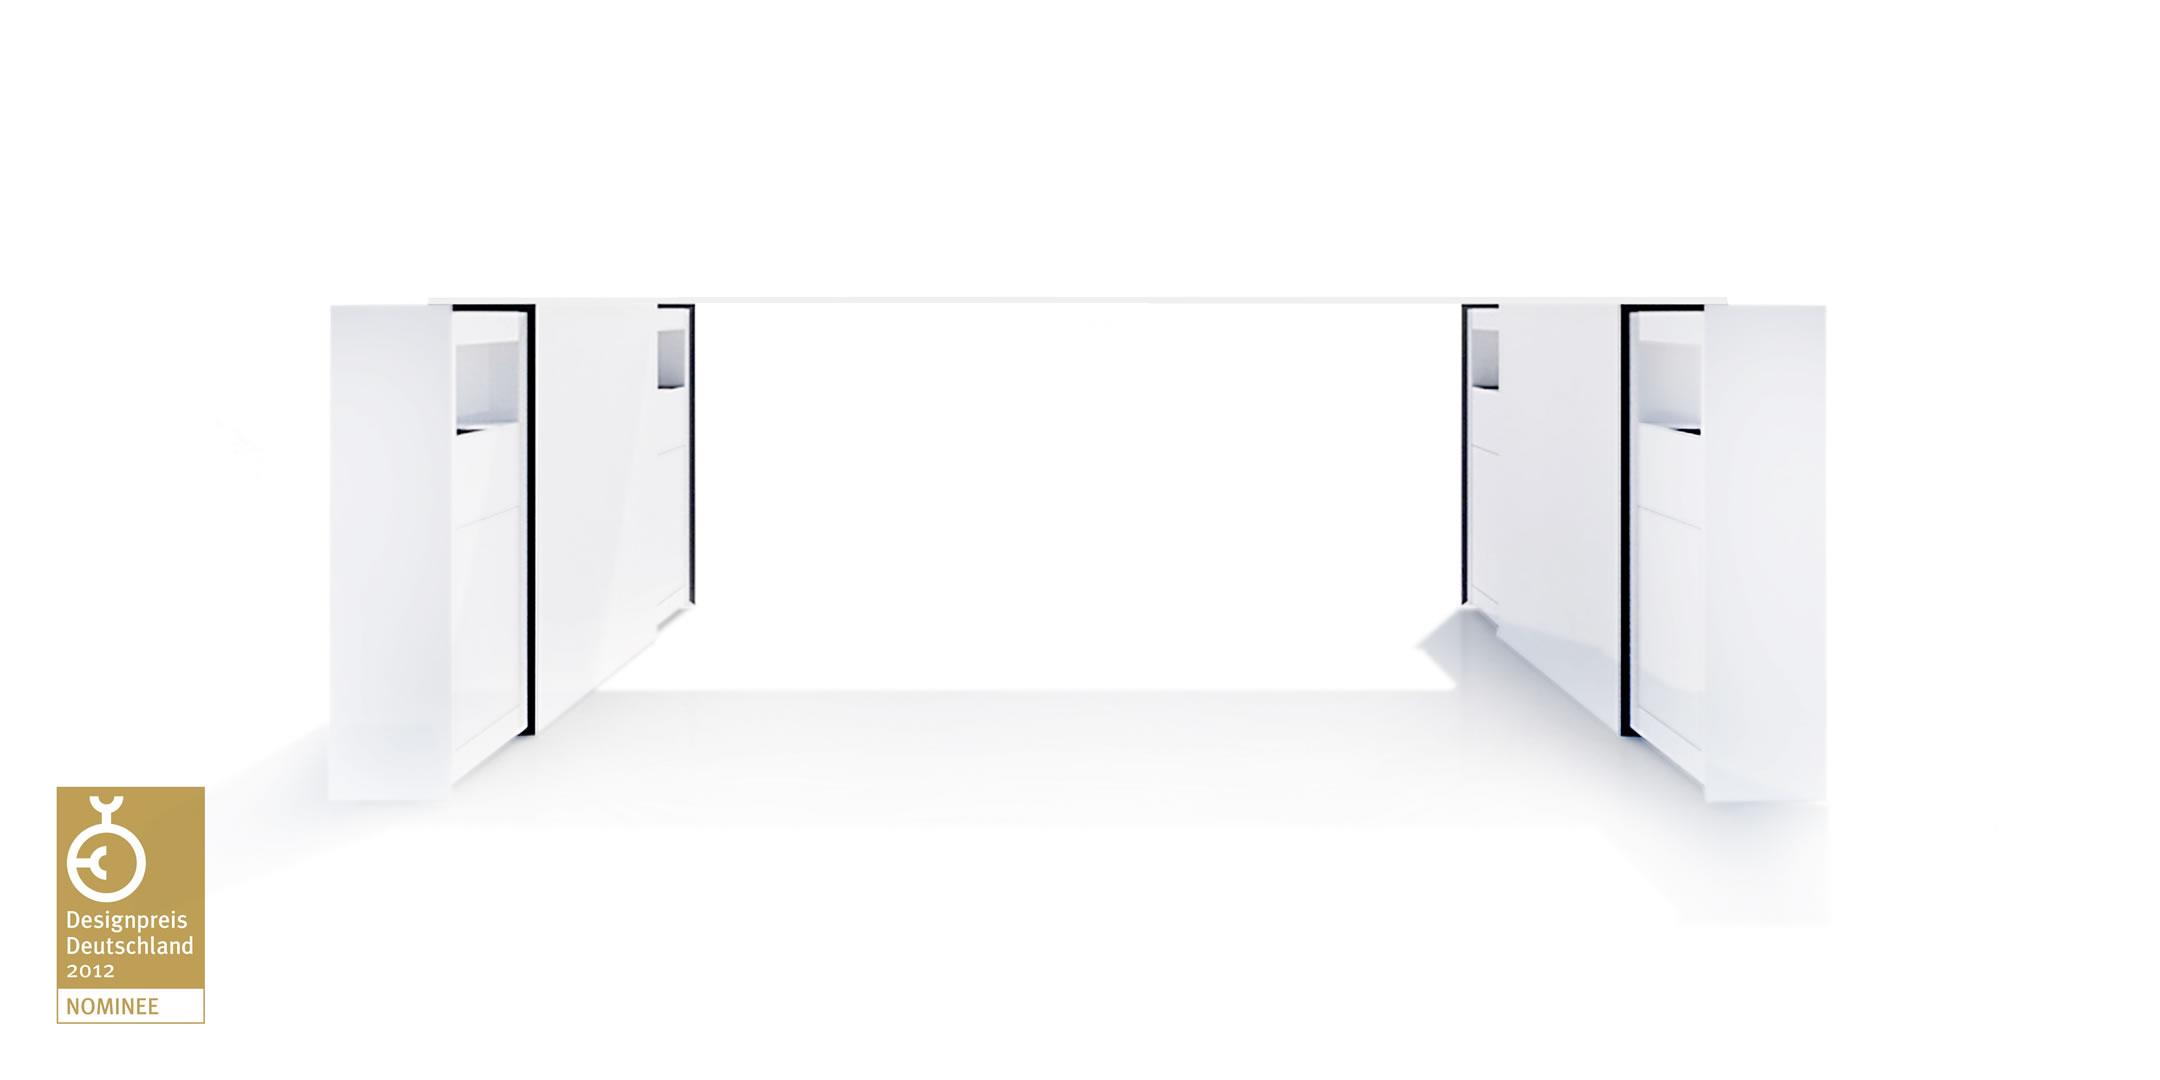 Besprechungstisch designpreis deutschland 2012 felix for Tisch design award